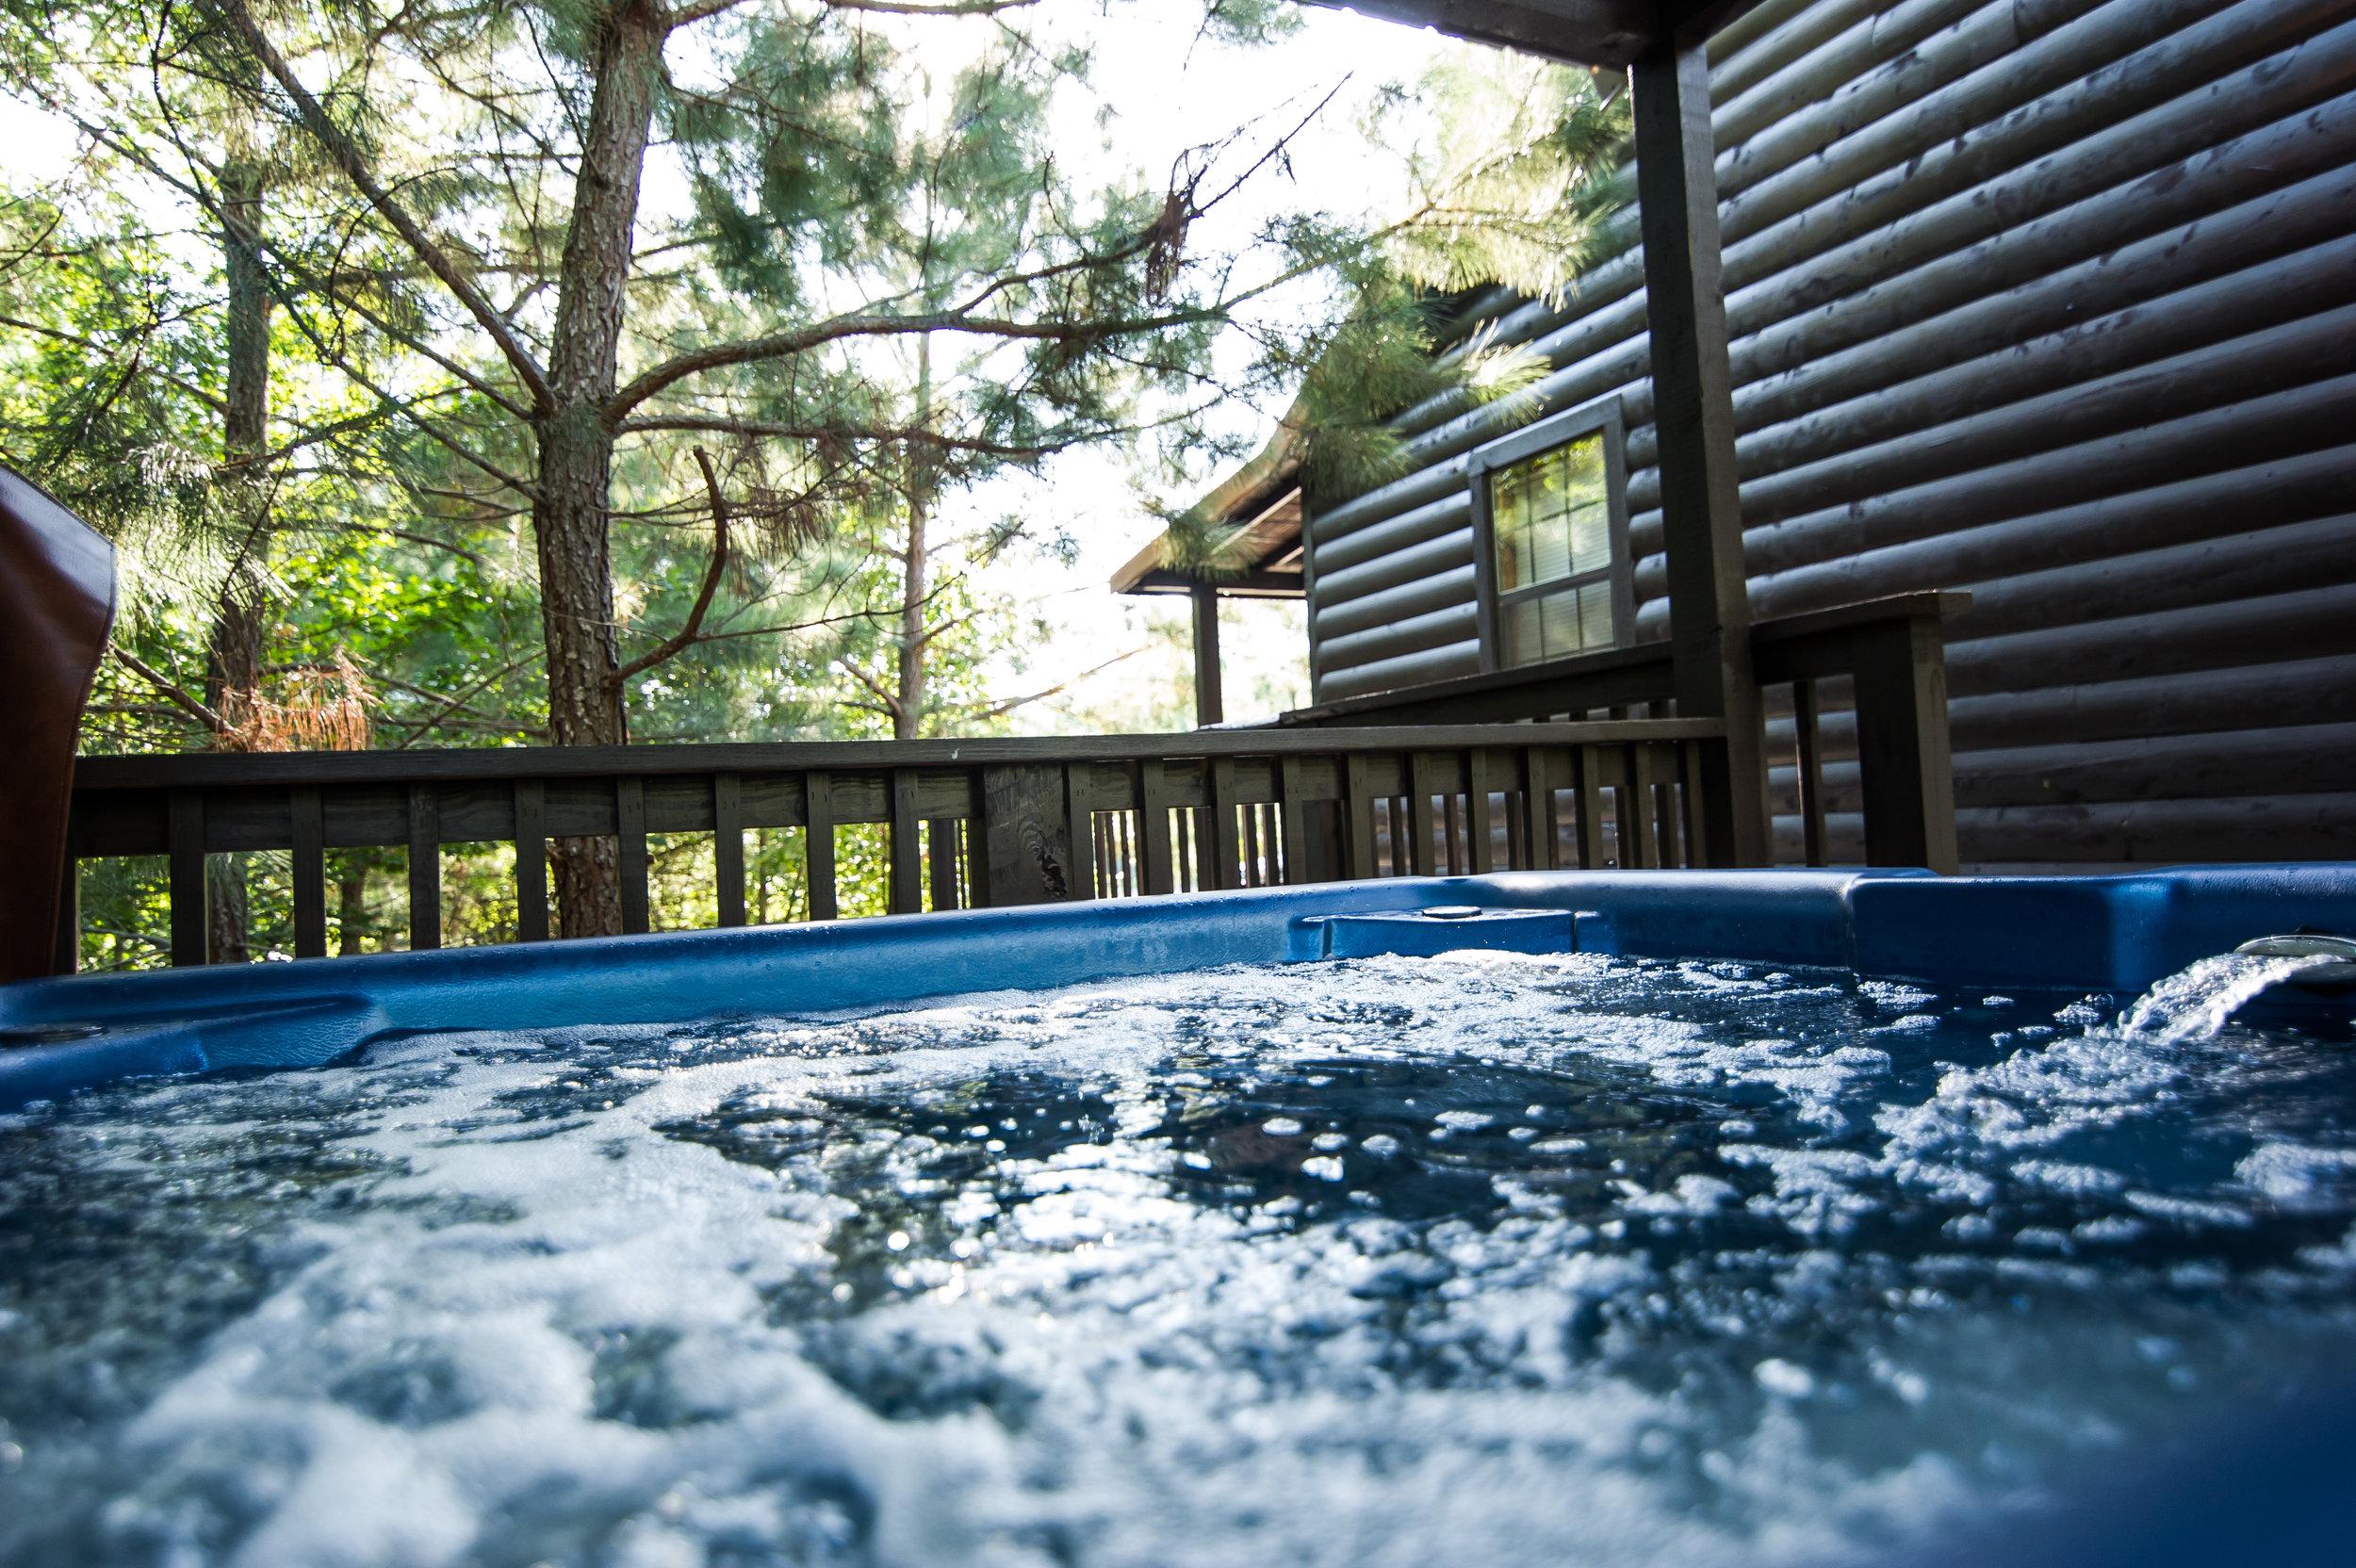 Hot tub.jpg.jpg